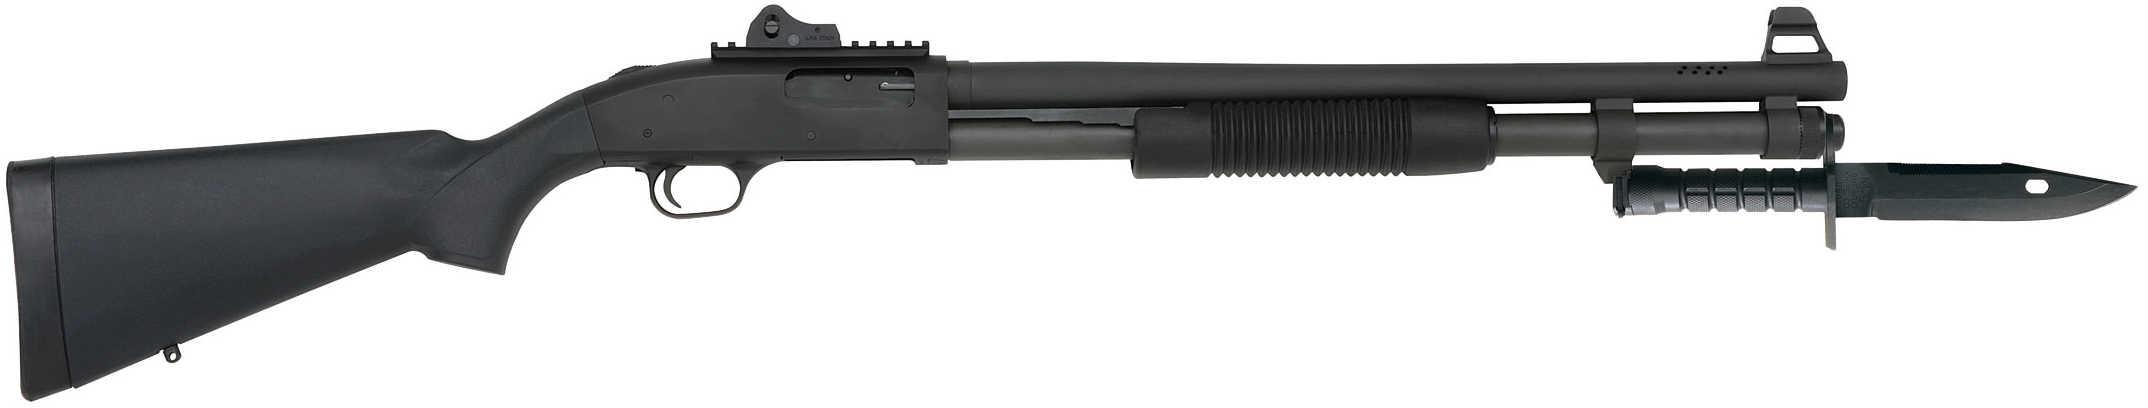 """Mossberg 590A1 SPX 12 Gauge Shotgun 20"""" Barrel 3"""" Chamber 9 Park Ghost Ring Bayonet 50771"""